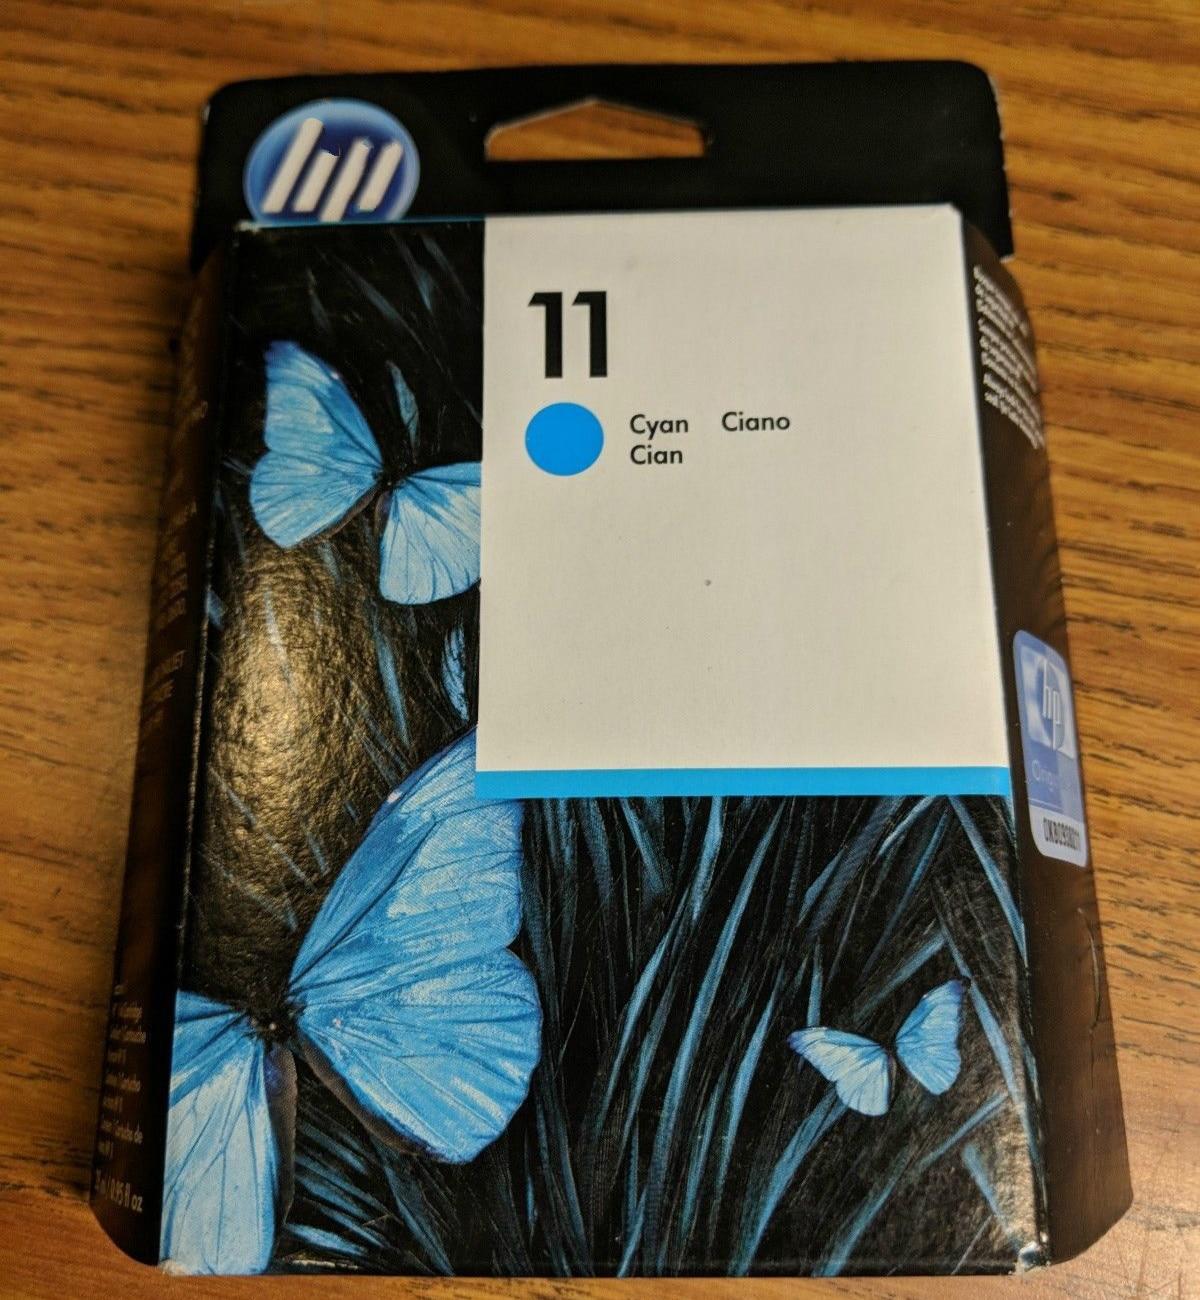 Оригинальный и срок годности чернильный картридж C4836A для HP 11 Business Inkjet 1000 1200 2600 для HP DesignJet 100 для HP OfficeJet 9110